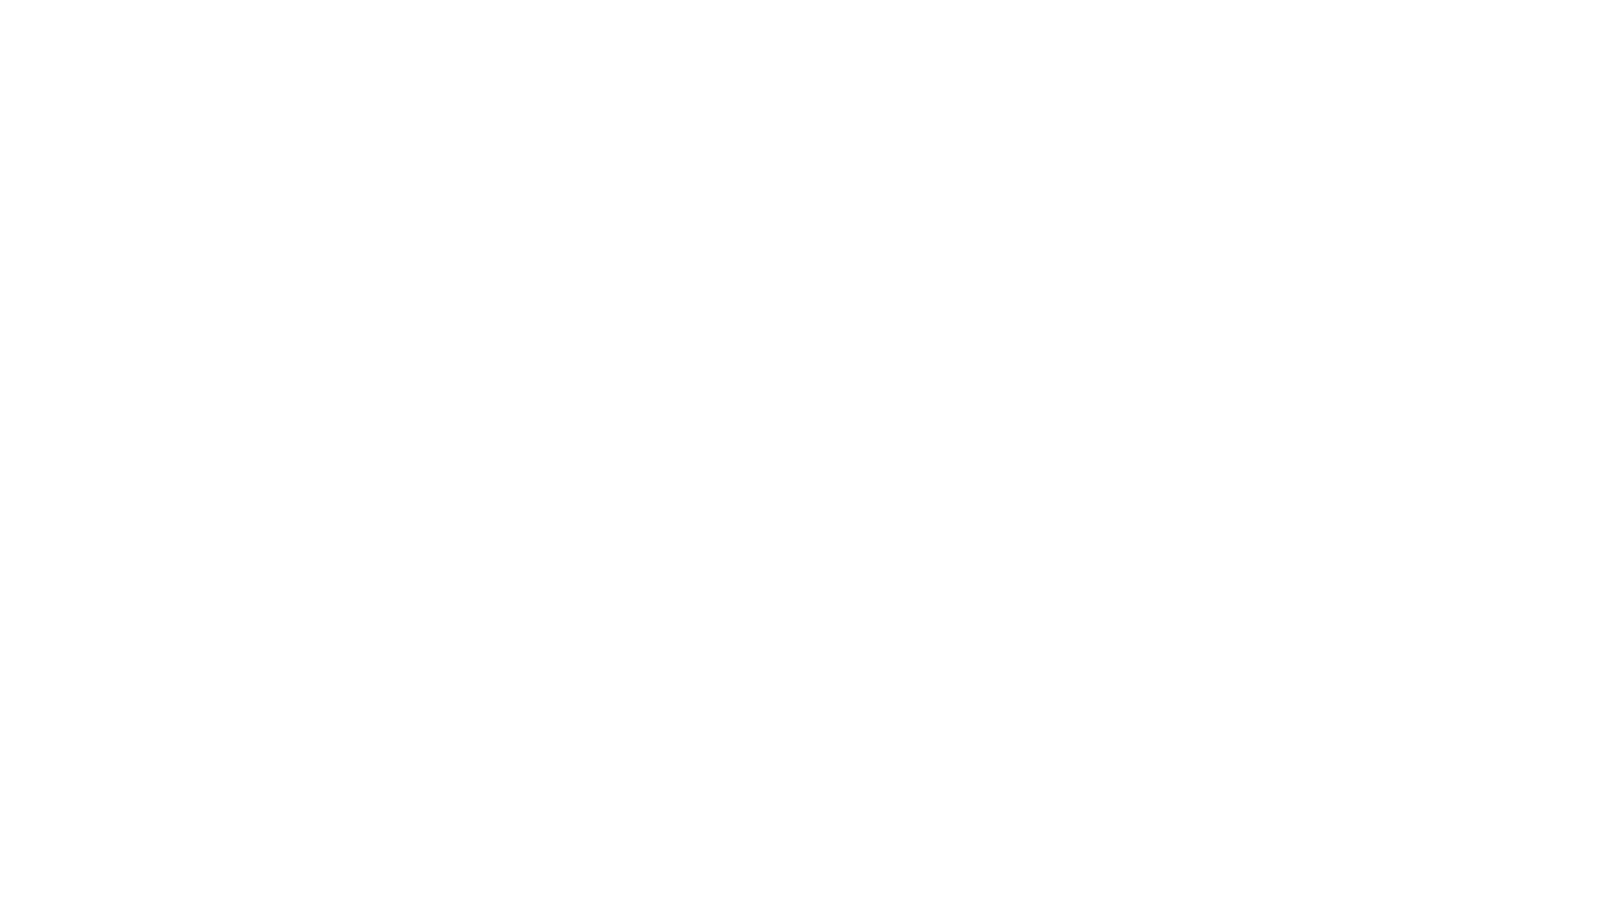 ➤ Comienza hoy a indagar en los Registros Akáshicos con tu propio portal de acceso. Ponemos a tu disposición esta técnica GRATUITA que te permitirá fabricarlo según tu signo zodiacal y día de tu nacimiento:  https://baroneeric.com/abrir-registros-akashicos-gratis-con-angeles-guias/